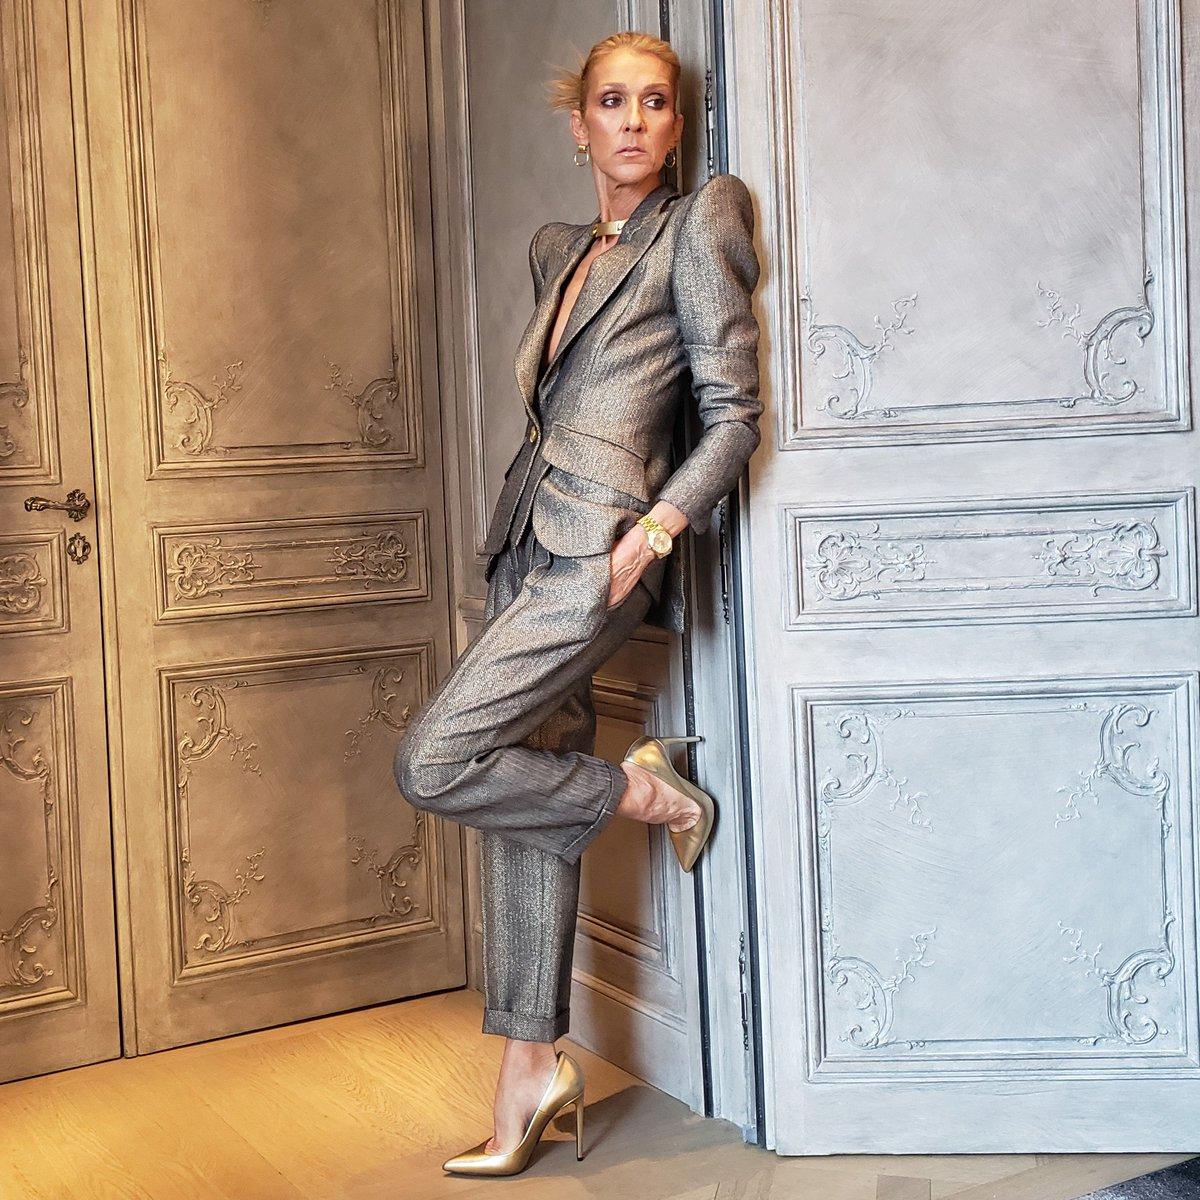 #fierce #elegant #powersuit #couture #fashion #pfw